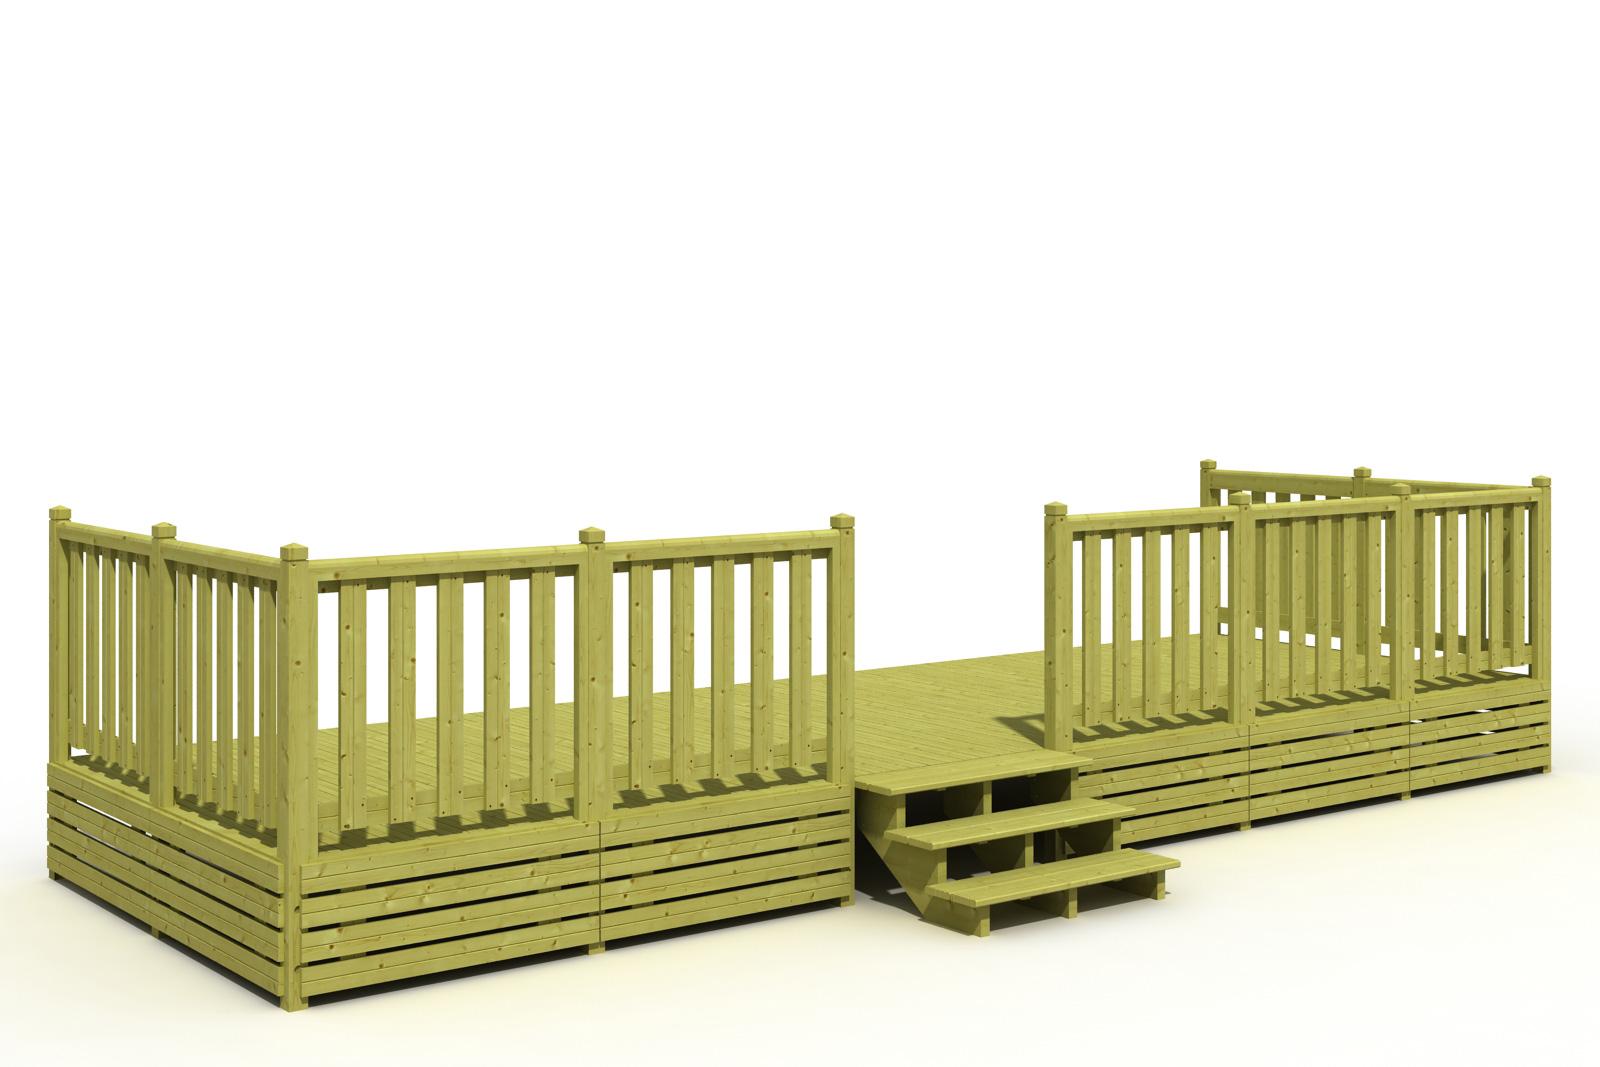 Terrasse mobil home 250×720 Terrasse Mobil Home Deckit Fabricant terrasses en bois pour  # Terrasse En Bois Pour Mobil Home